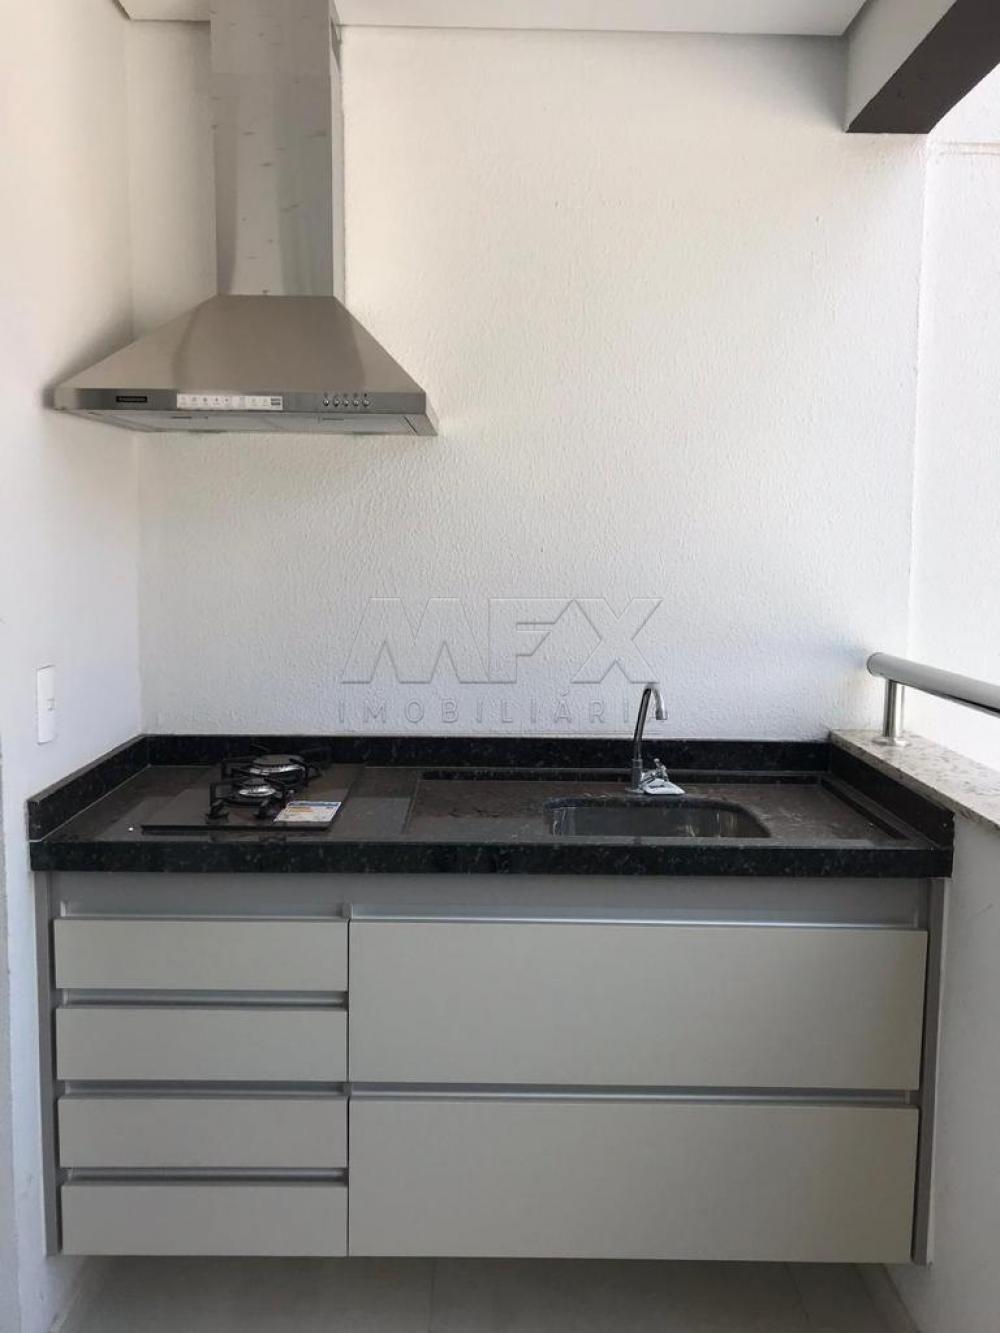 Comprar Apartamento / Padrão em Bauru R$ 290.000,00 - Foto 4